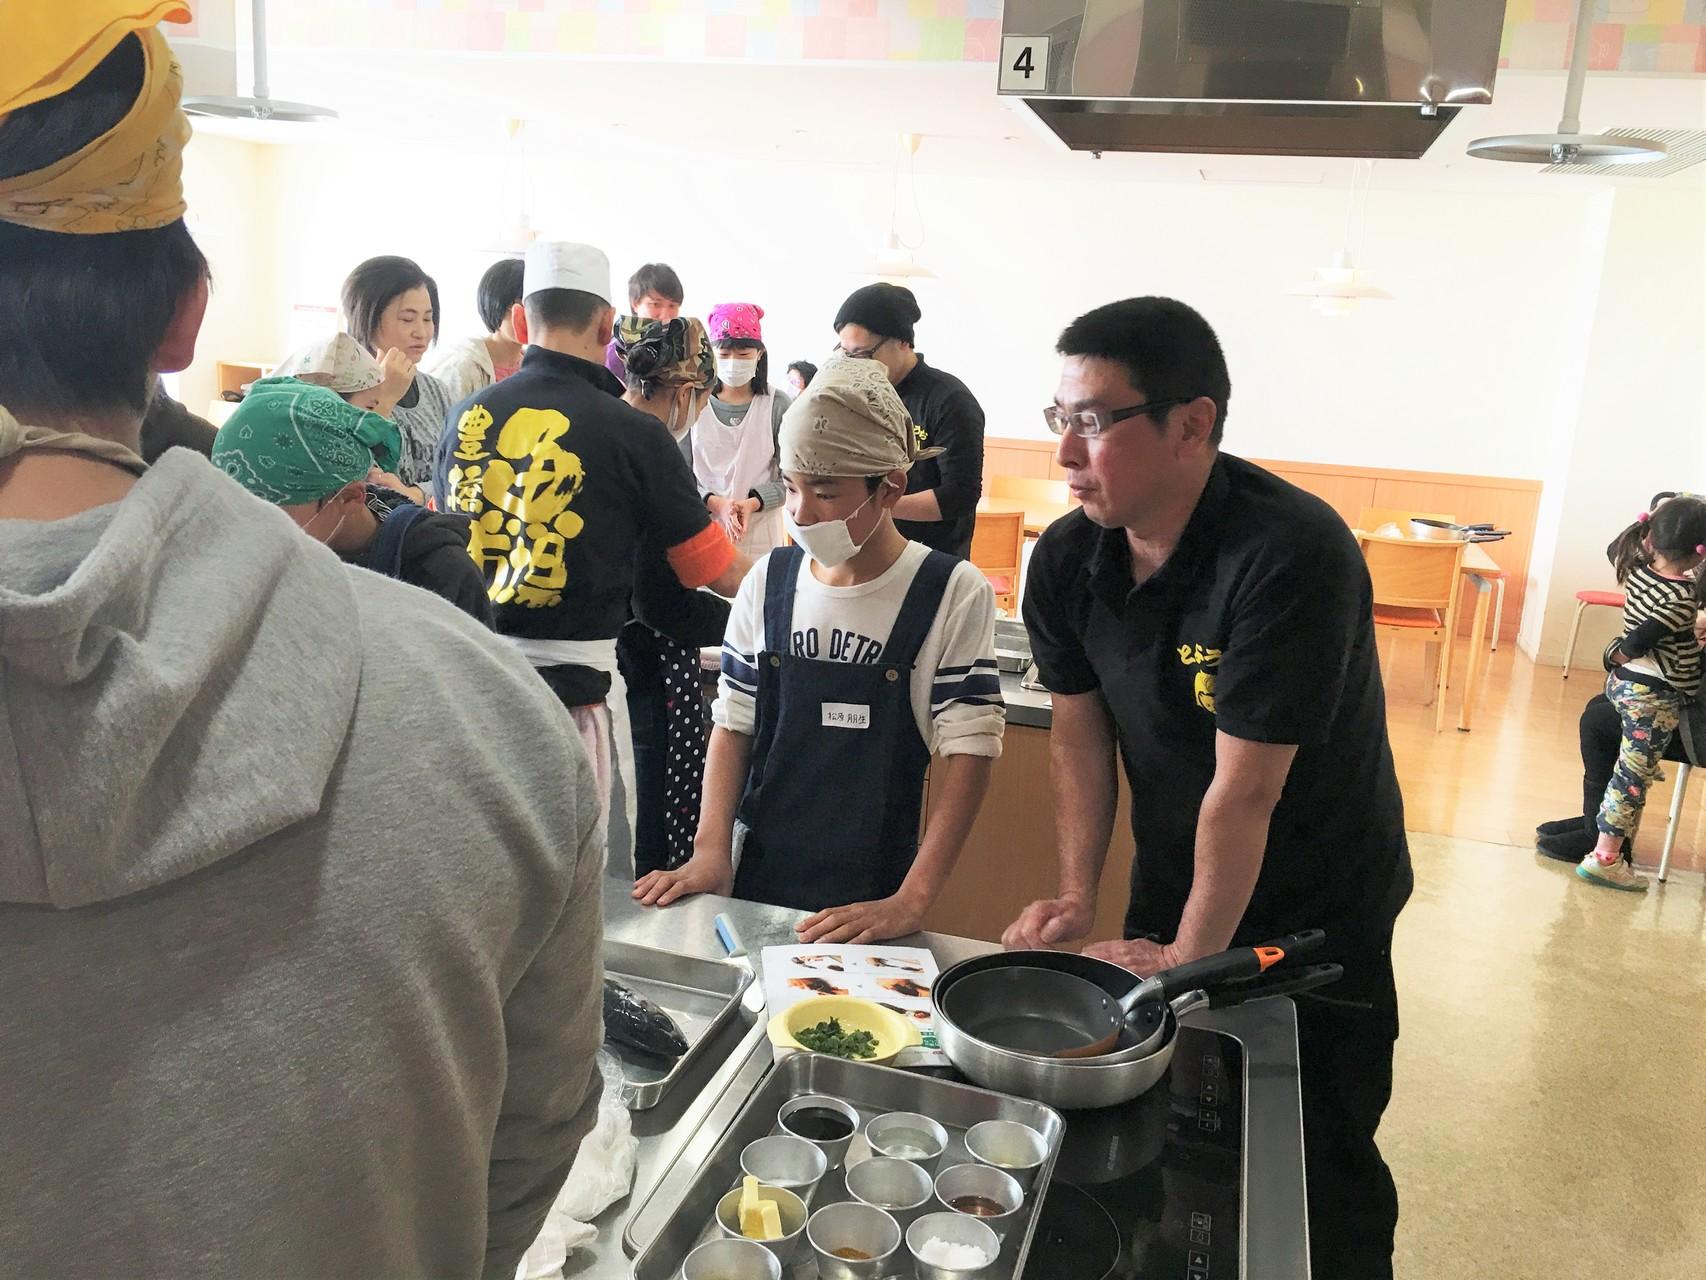 魚市場鮮魚部の富山さん(右端)の指導を受ける生徒。